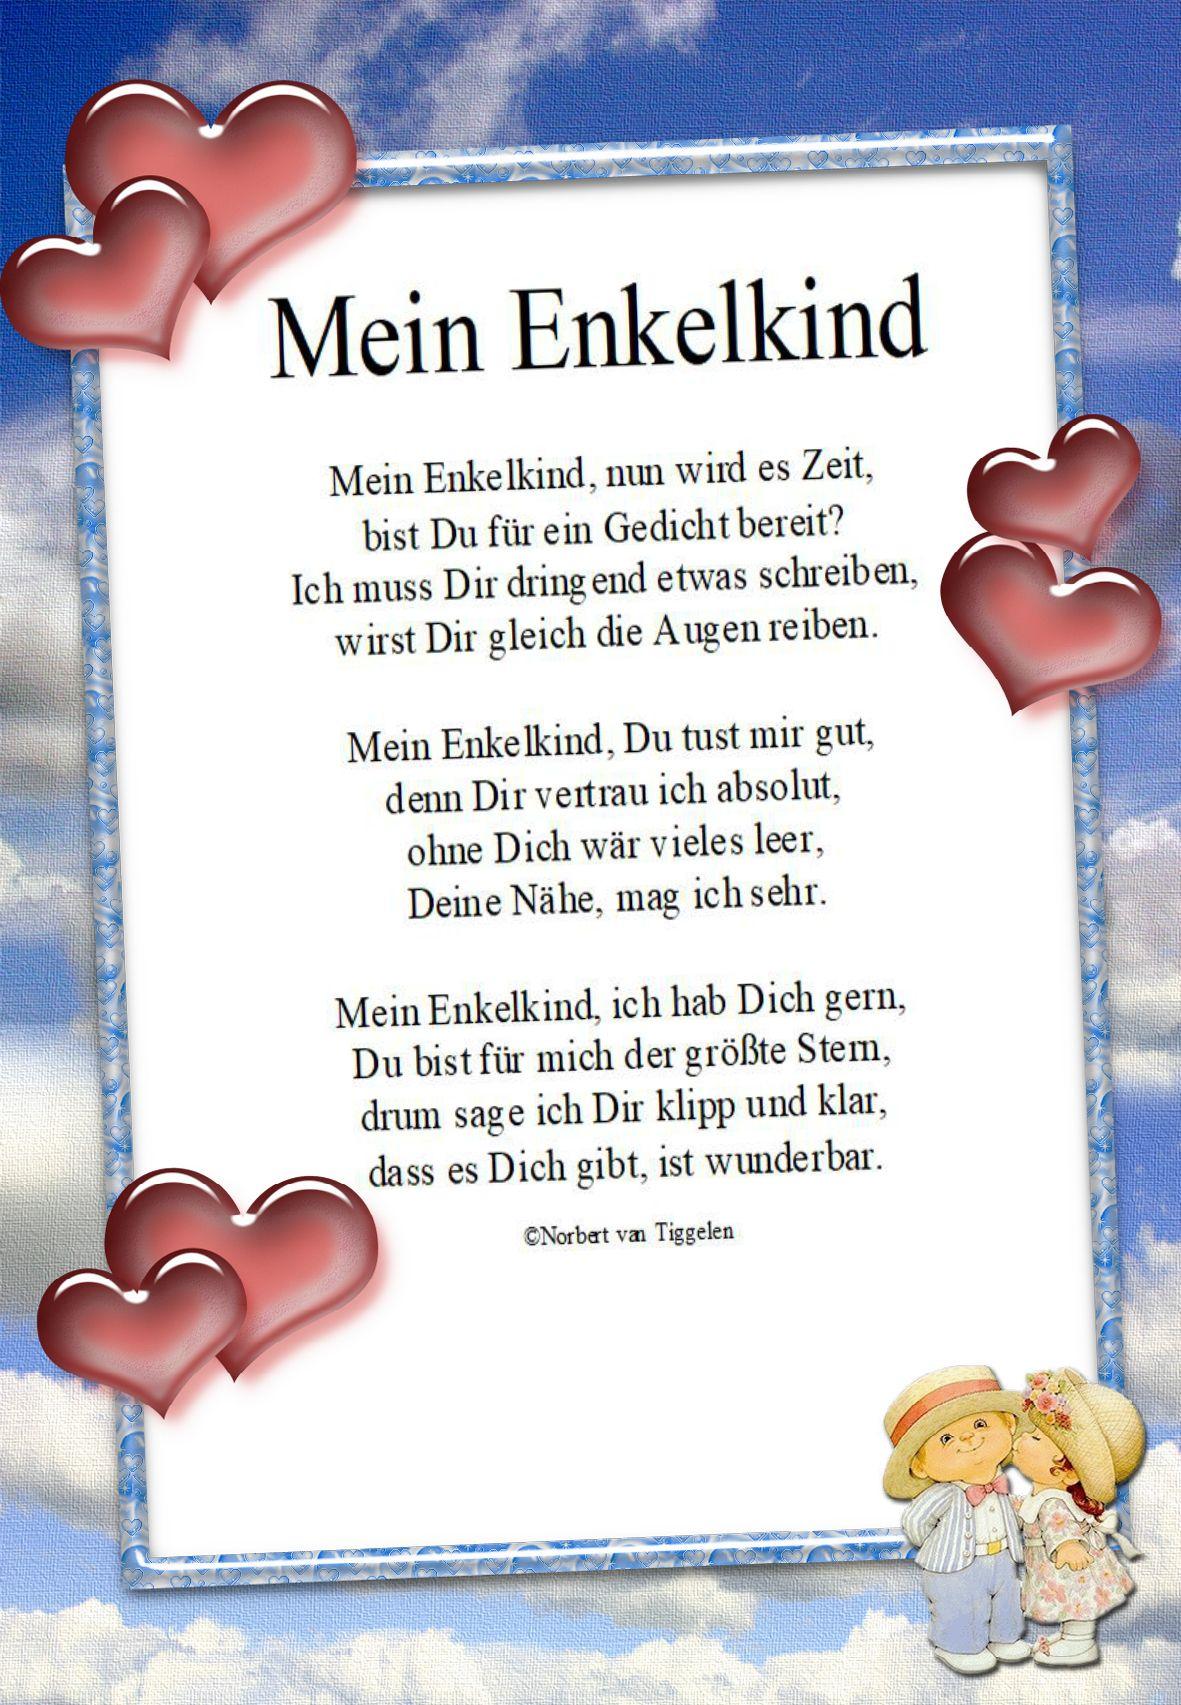 Pin Von Silke R. Auf Oma & Opa (Mit Bildern) | Weisheiten bestimmt für Geburtstagsgedicht Für Opa Vom Enkel